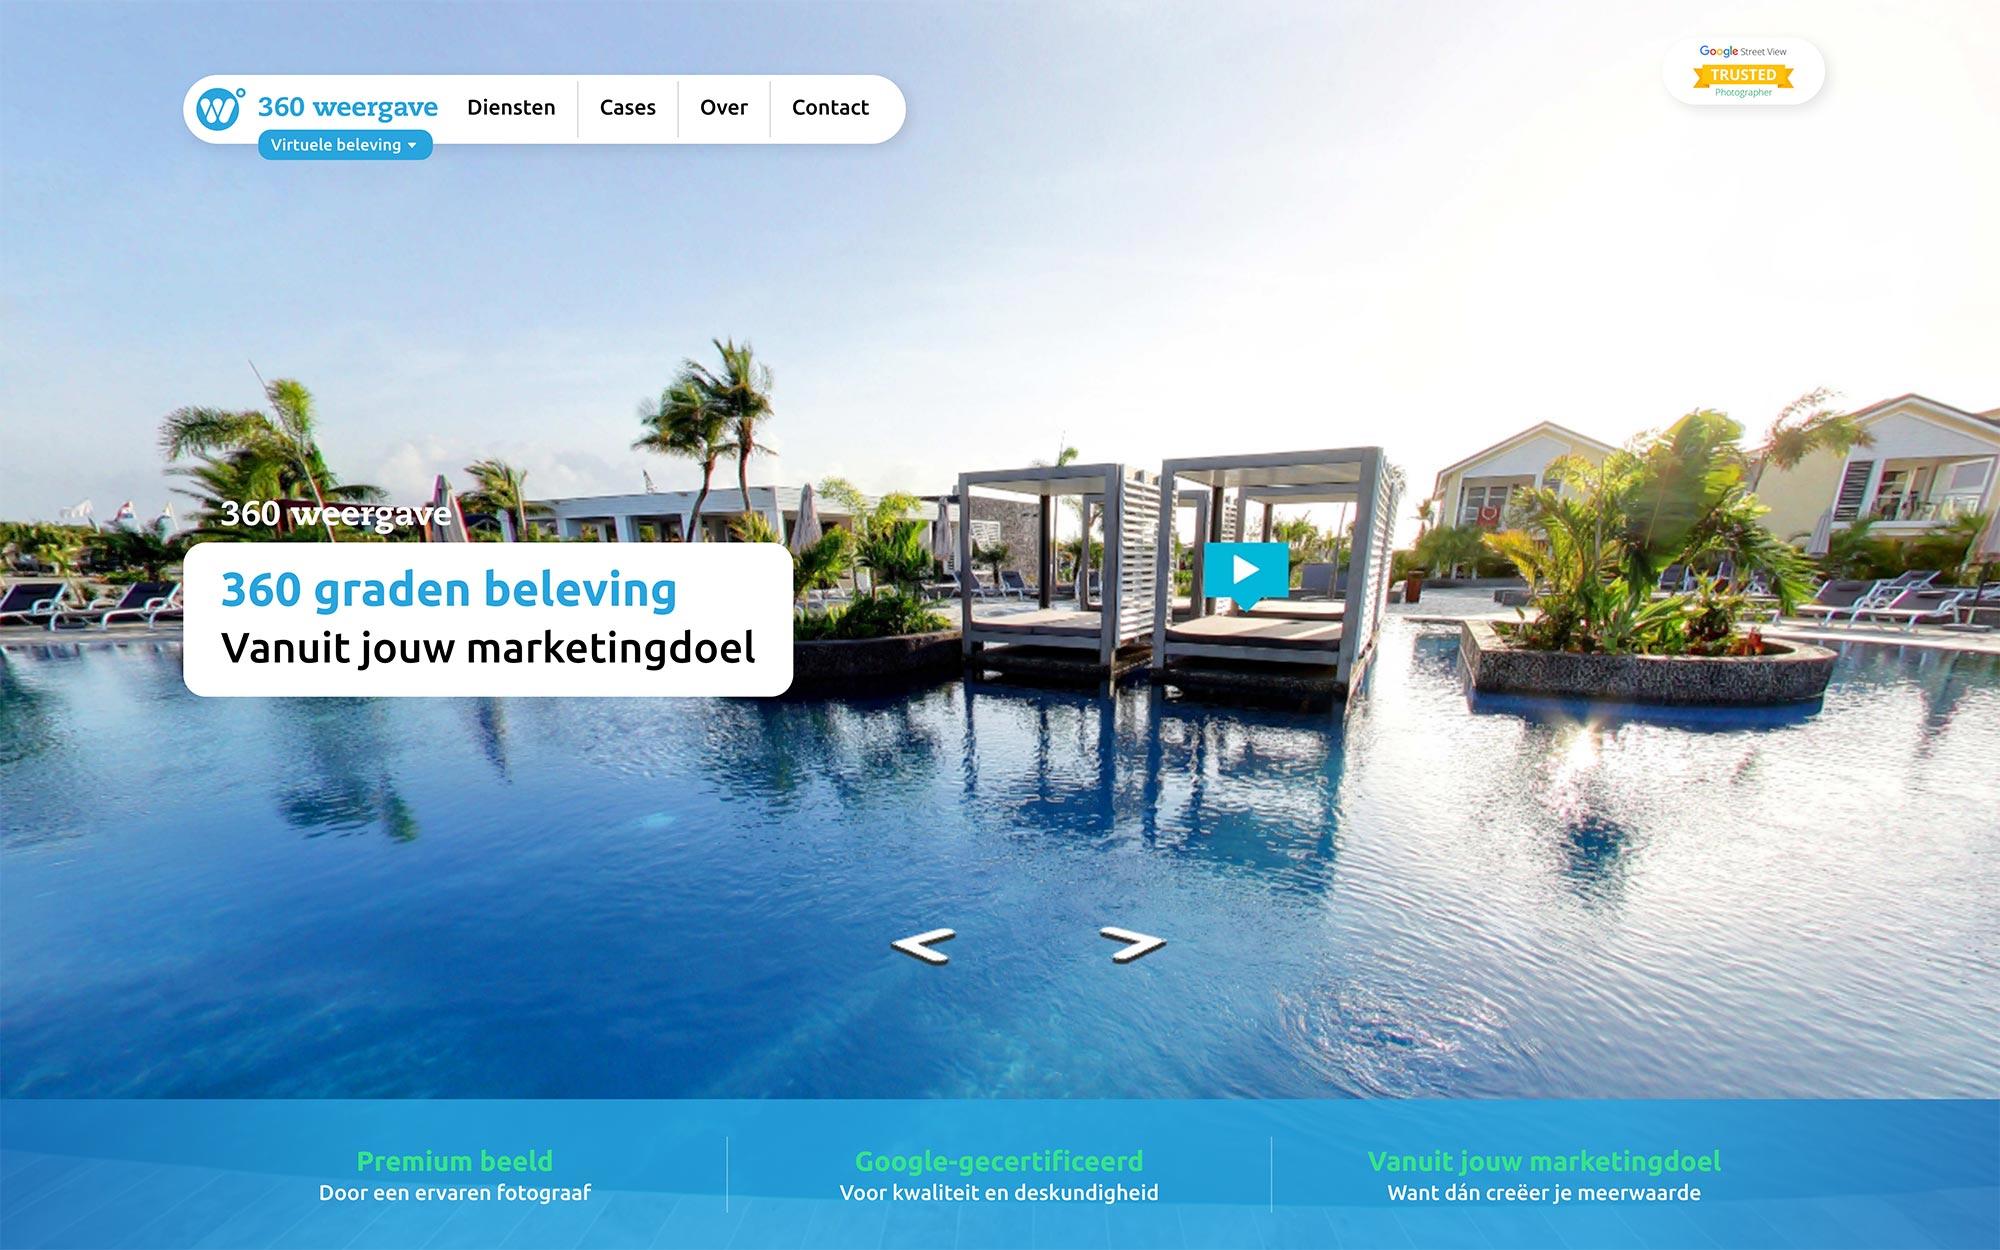 Virtuele beleving 360weergave website JAgd ontwerp